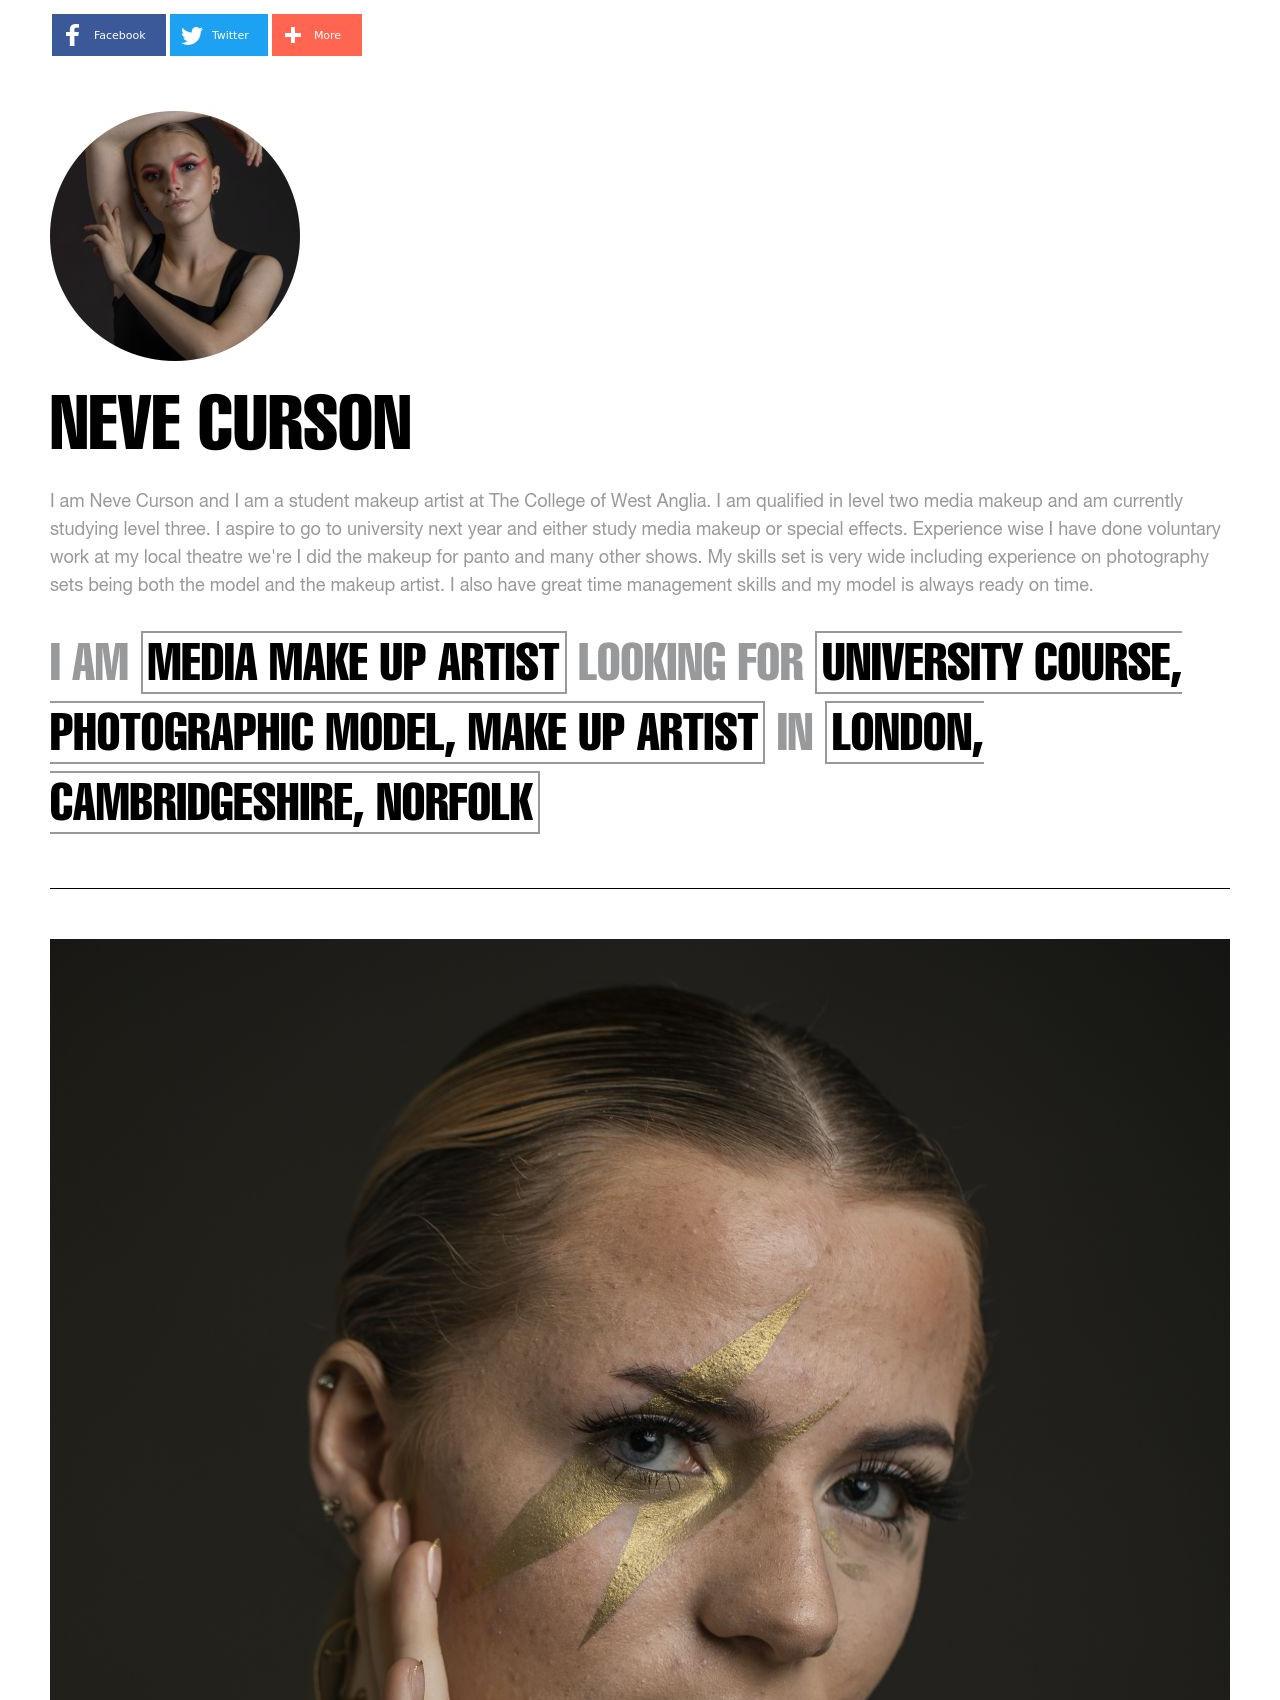 Neve Curson